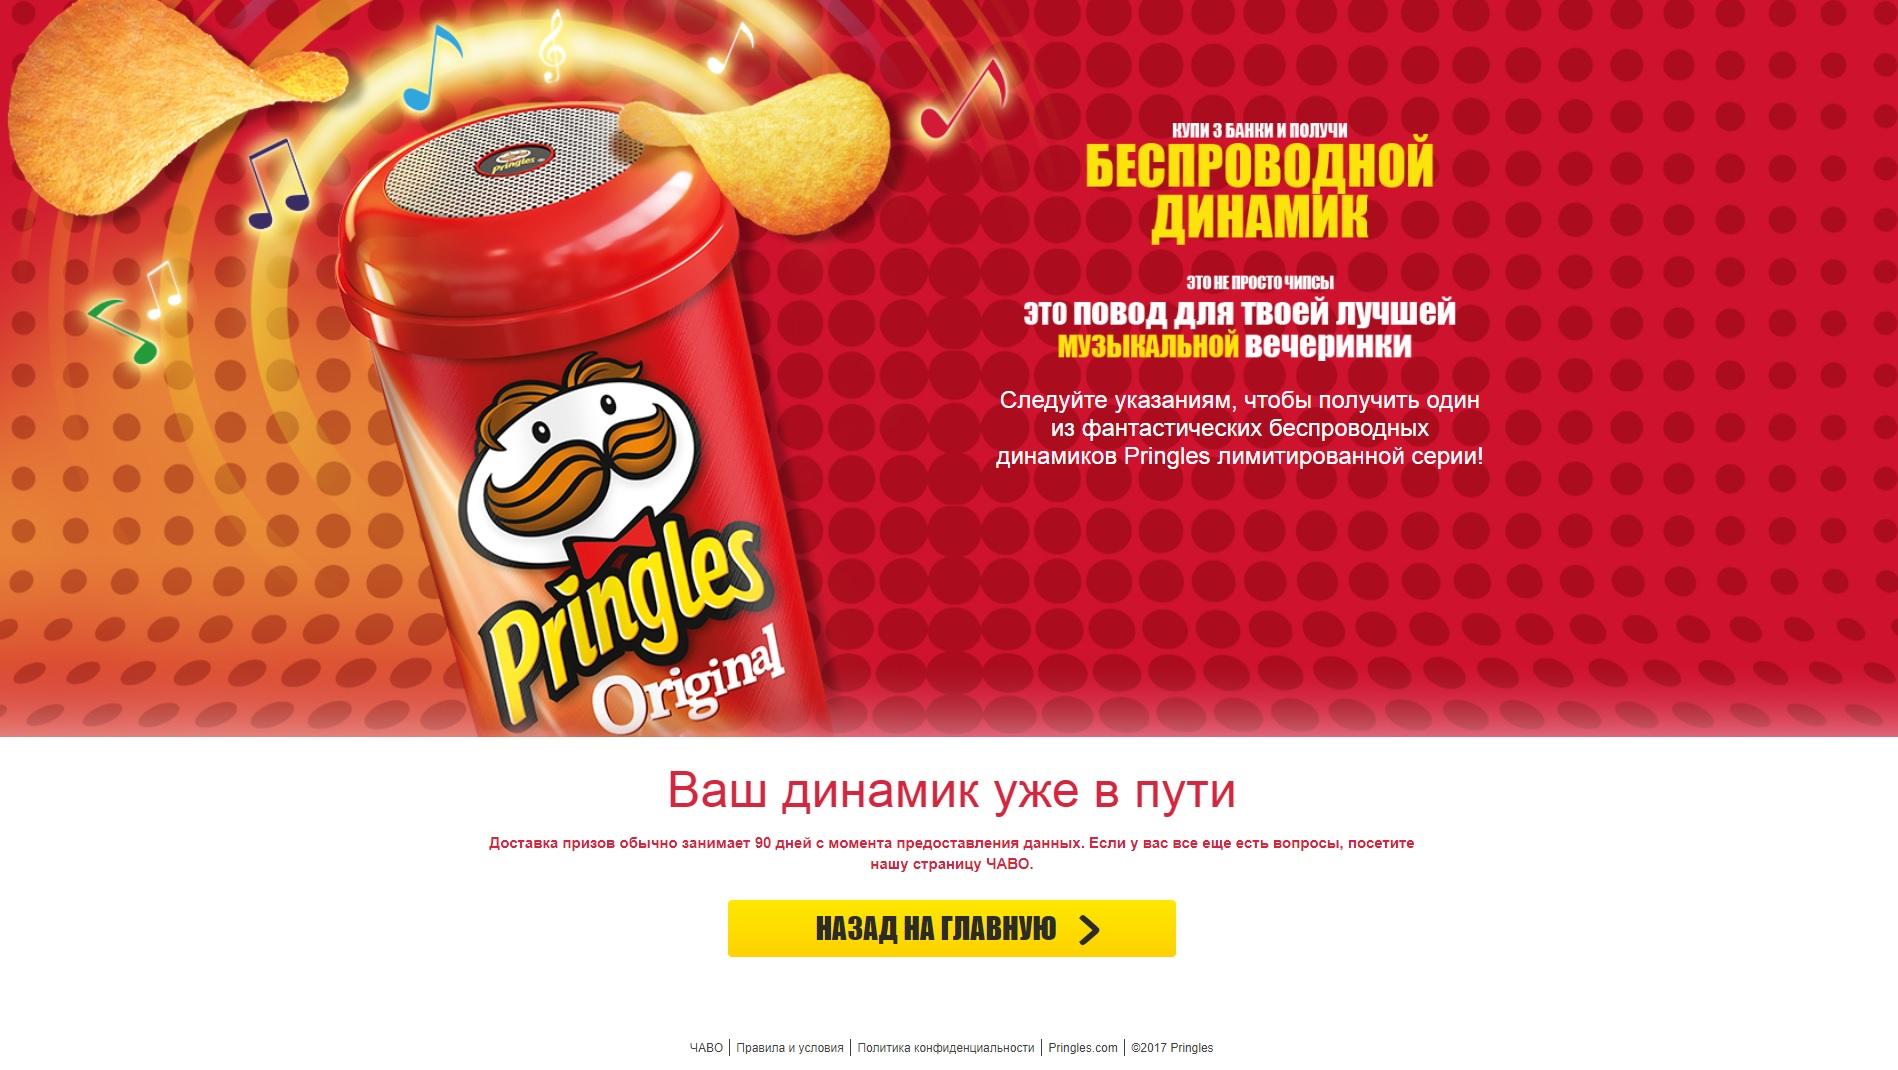 Беспроводной динамик от Pringles Отзывы покупателей 56